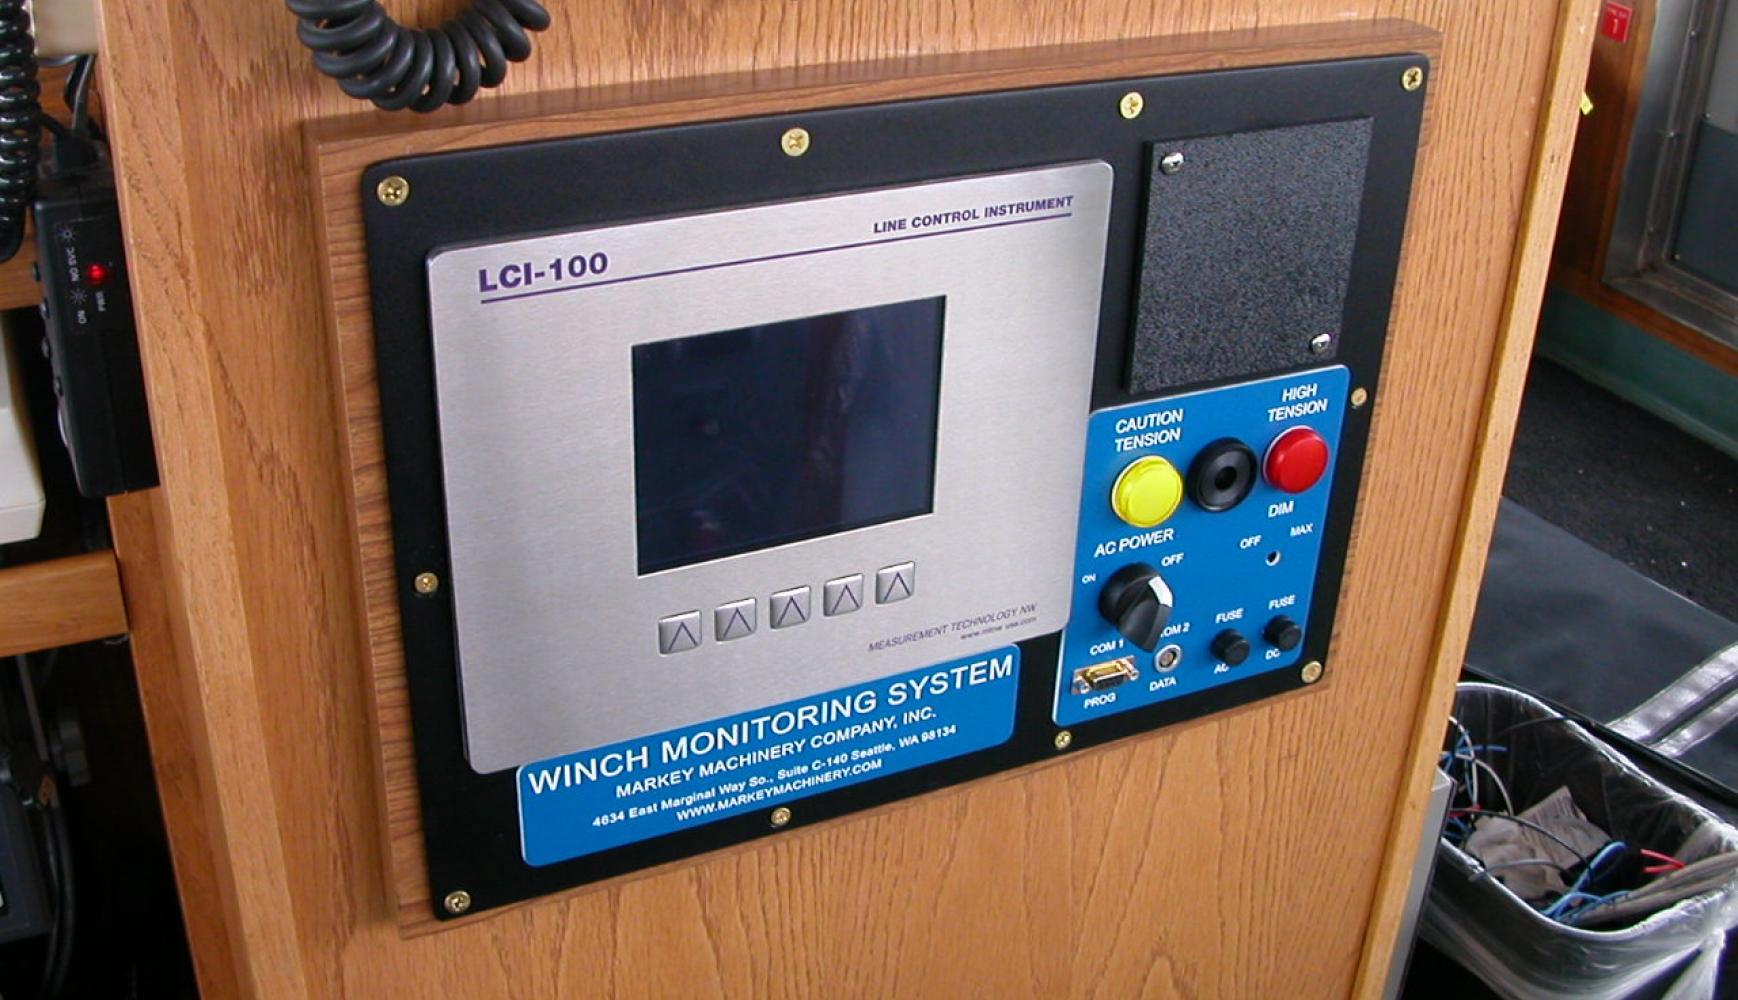 Local Monitoring Station, winch monitoring, payout display